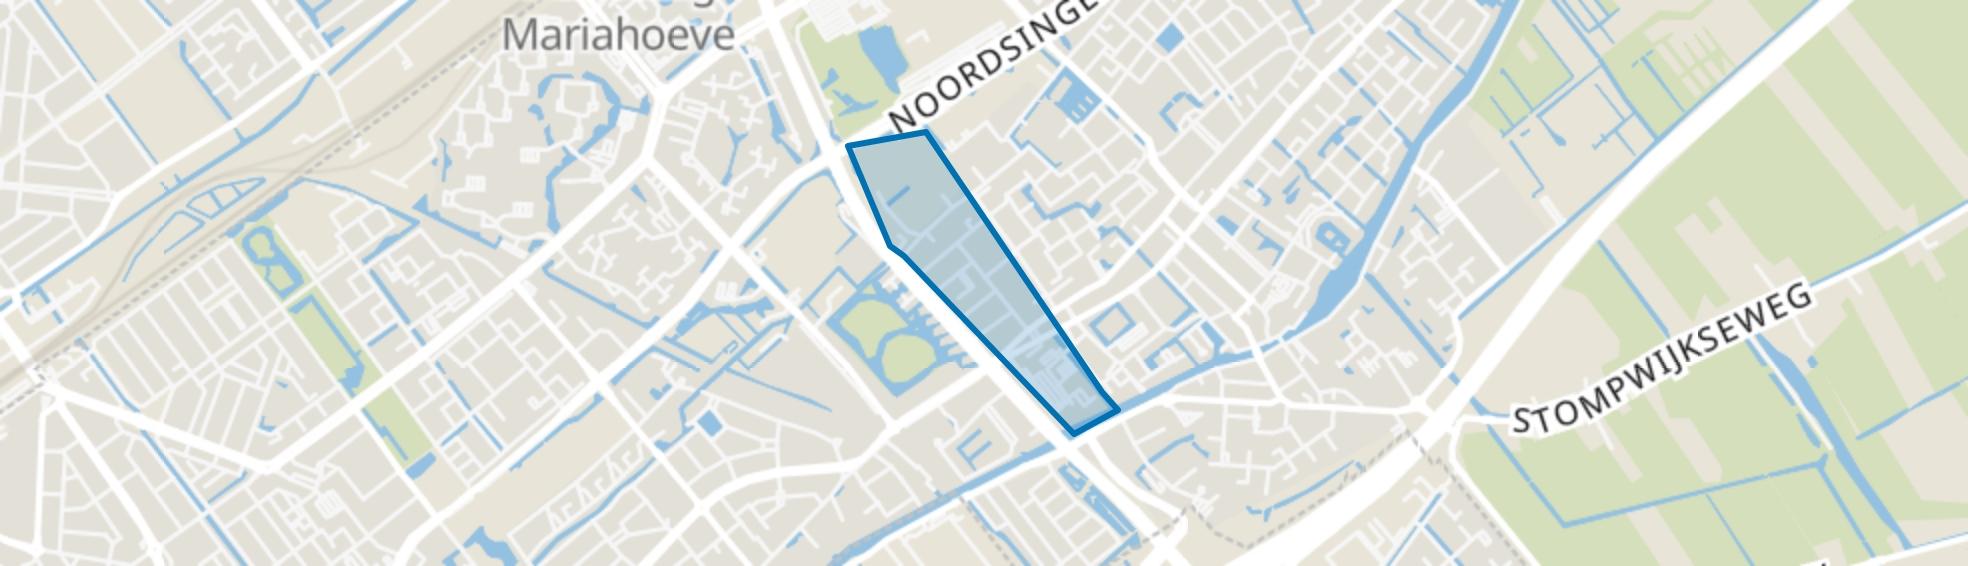 Damsigt, Voorburg map